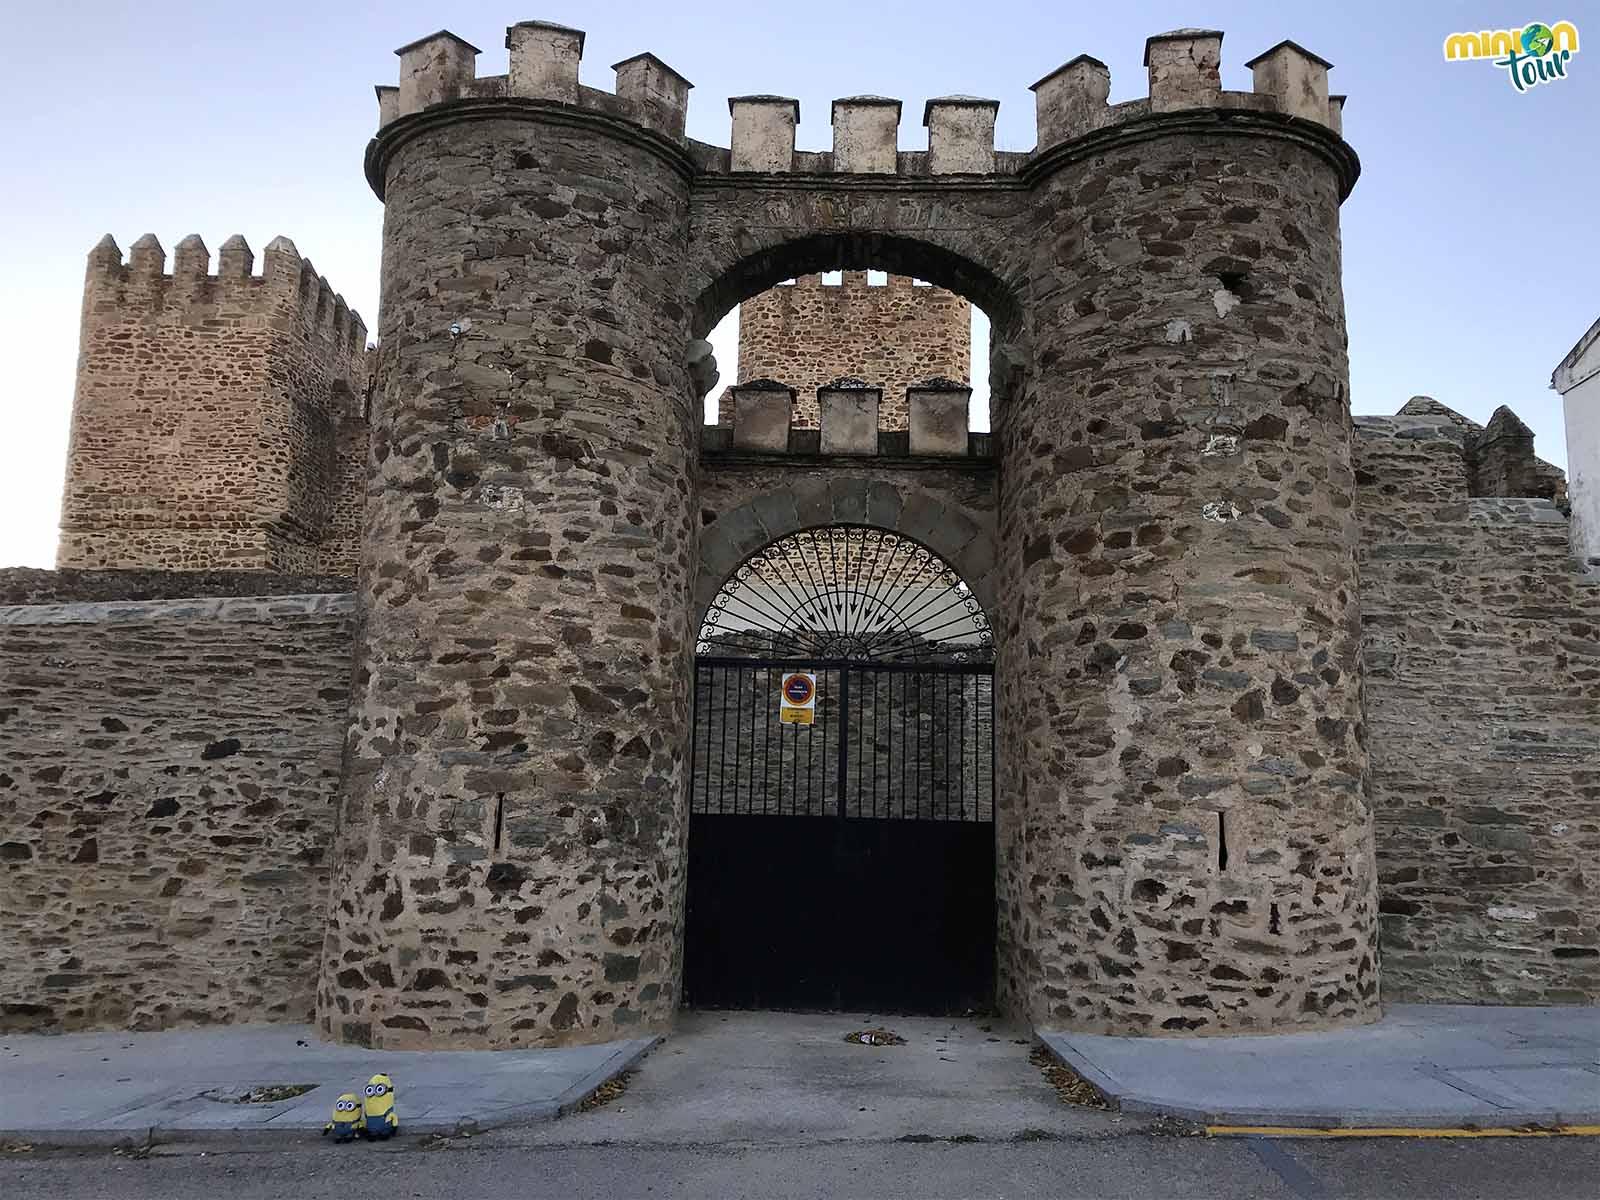 El Castillo de Monroy